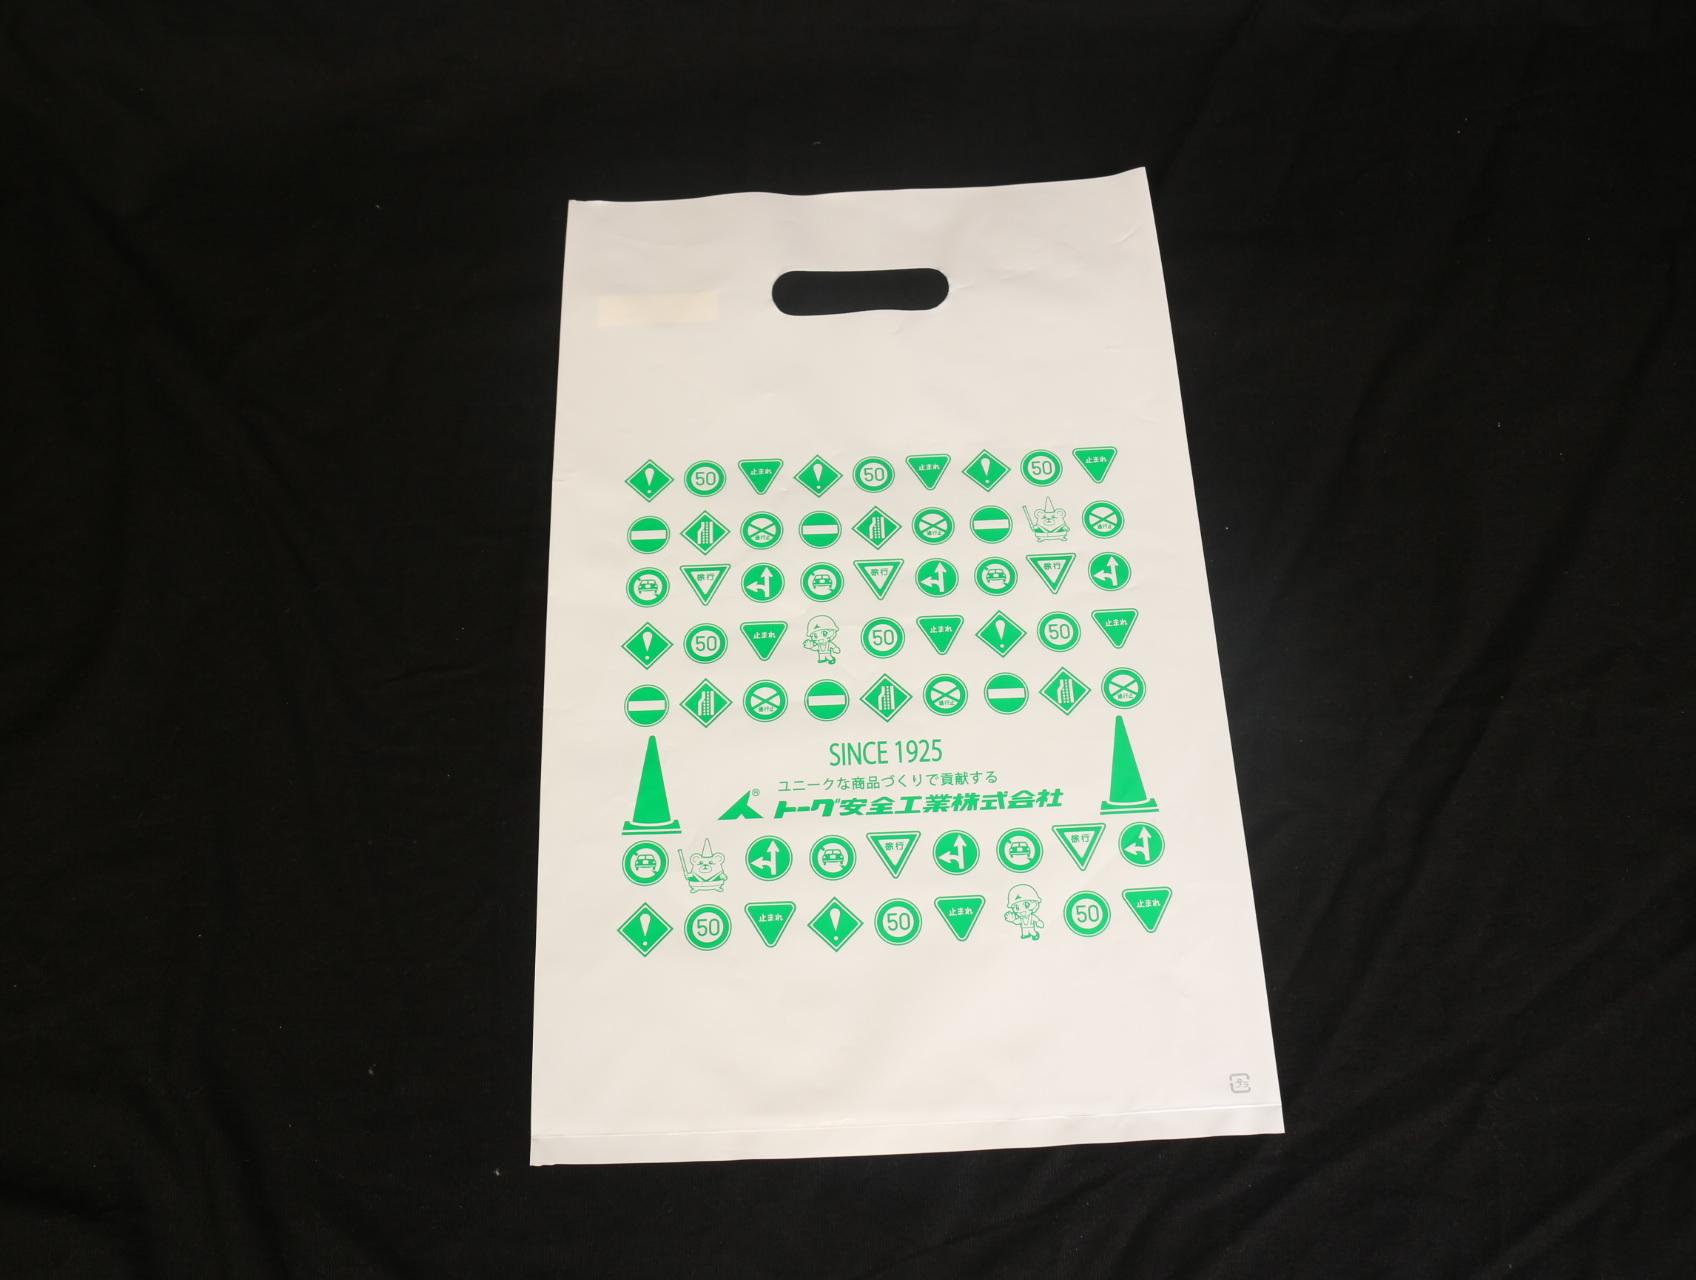 工事現場などで使われいる安全用品の製造・販売をされています会社様のオリジナルポリ袋